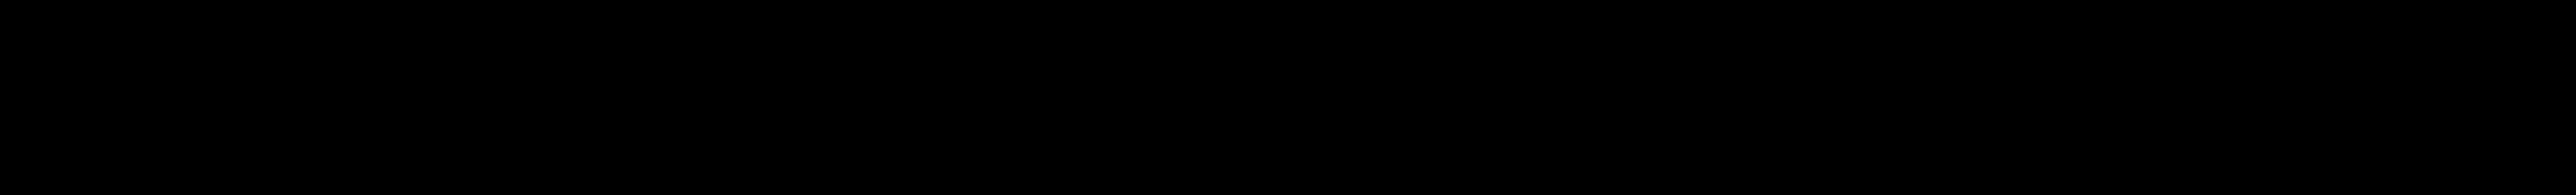 Geom Graphic Semibold Italic